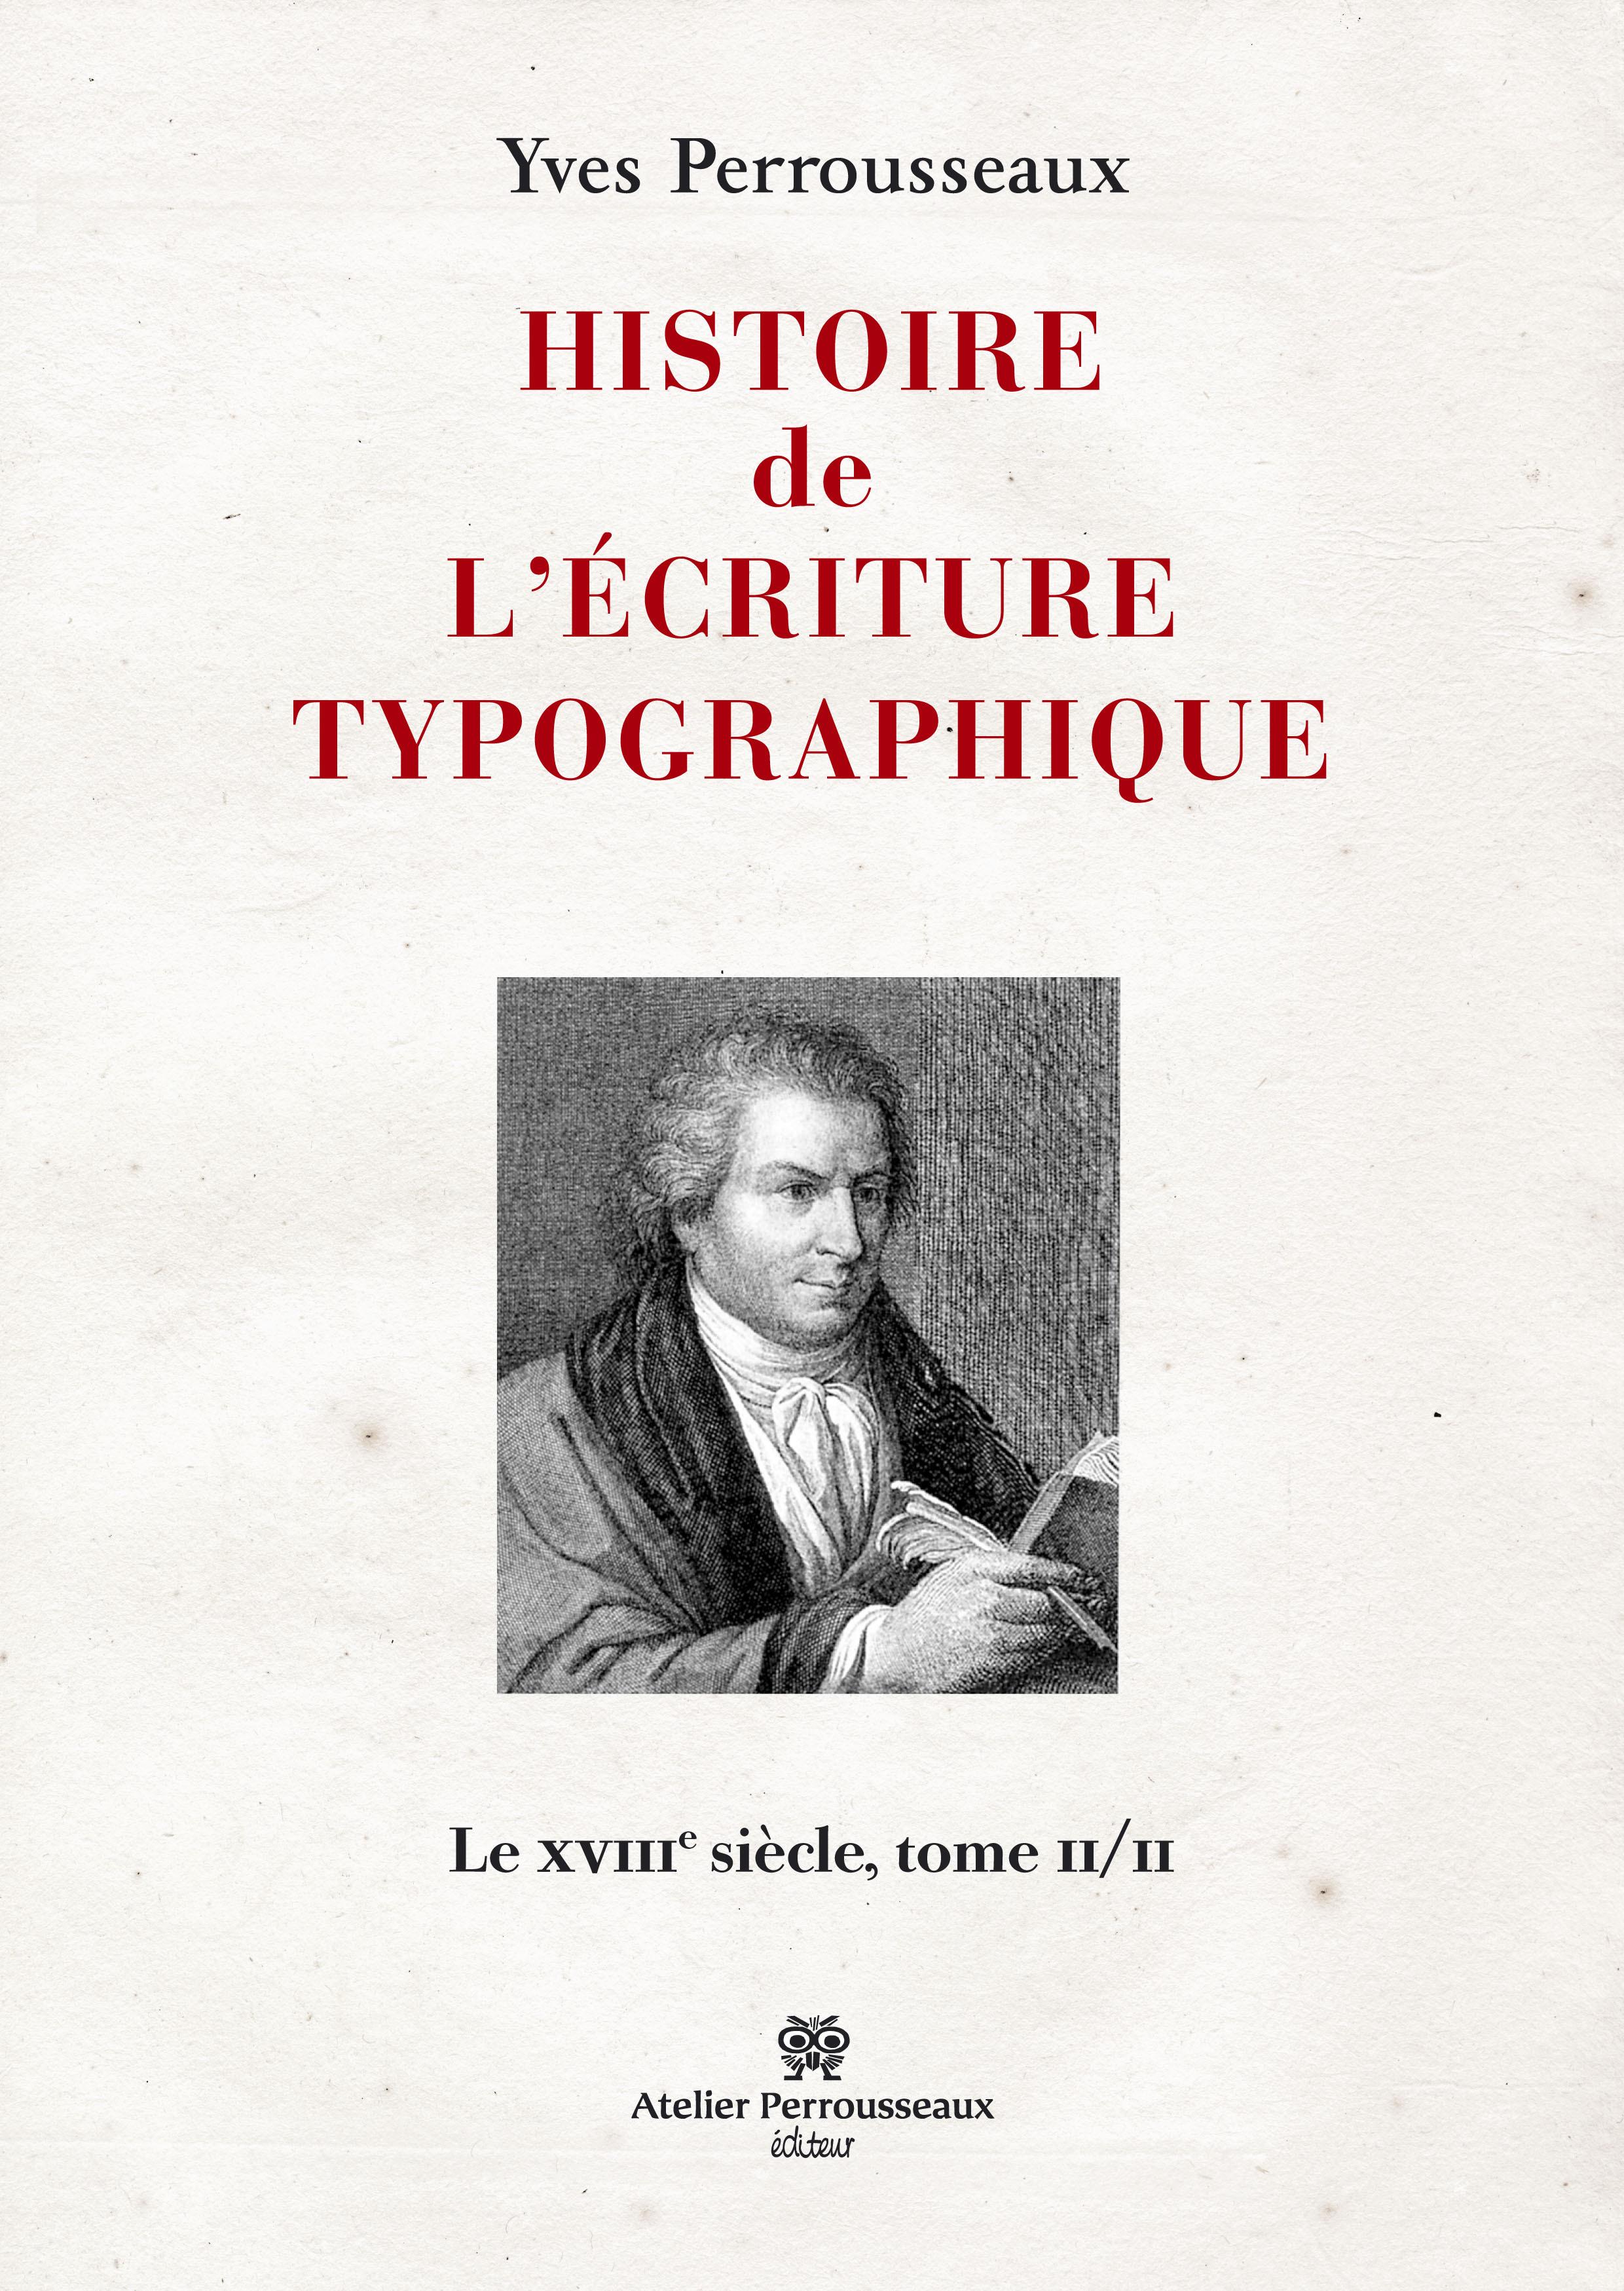 HISTOIRE DE L'ECRITURE TYPOGRAPHIQUE TOME II/II